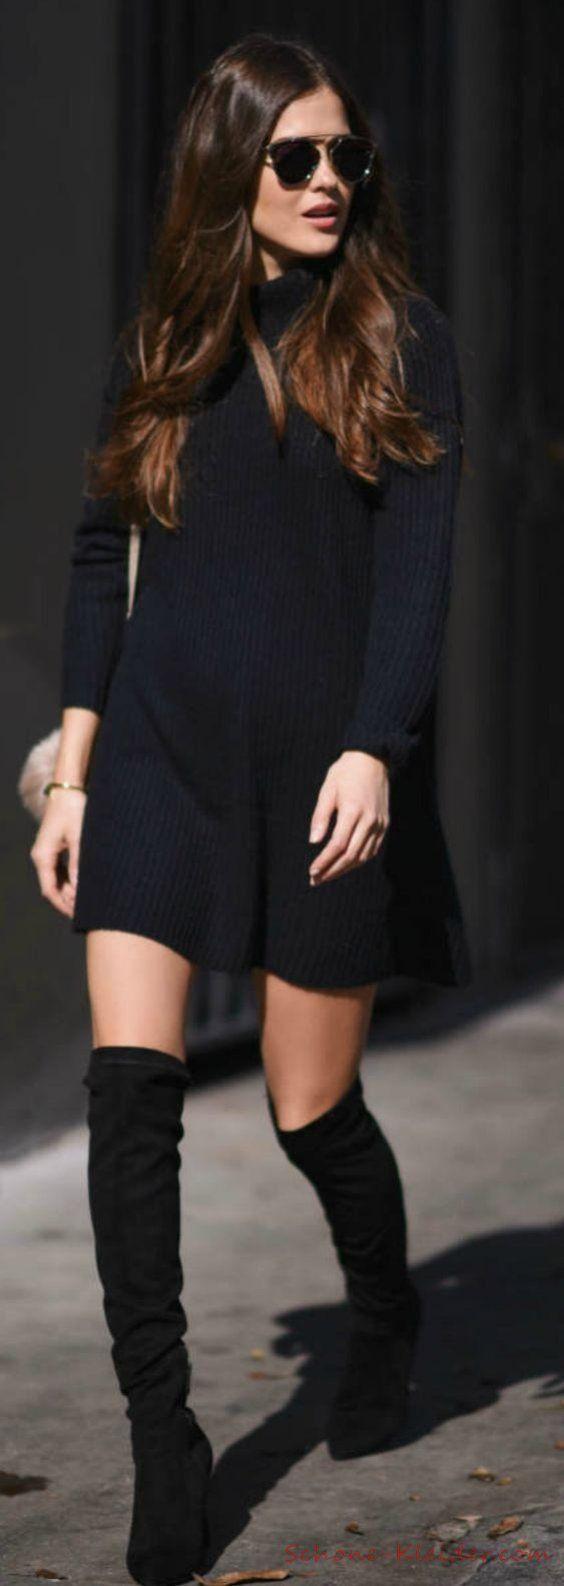 Abend Genial Damen Winterkleider Spezialgebiet15 Schön Damen Winterkleider für 2019